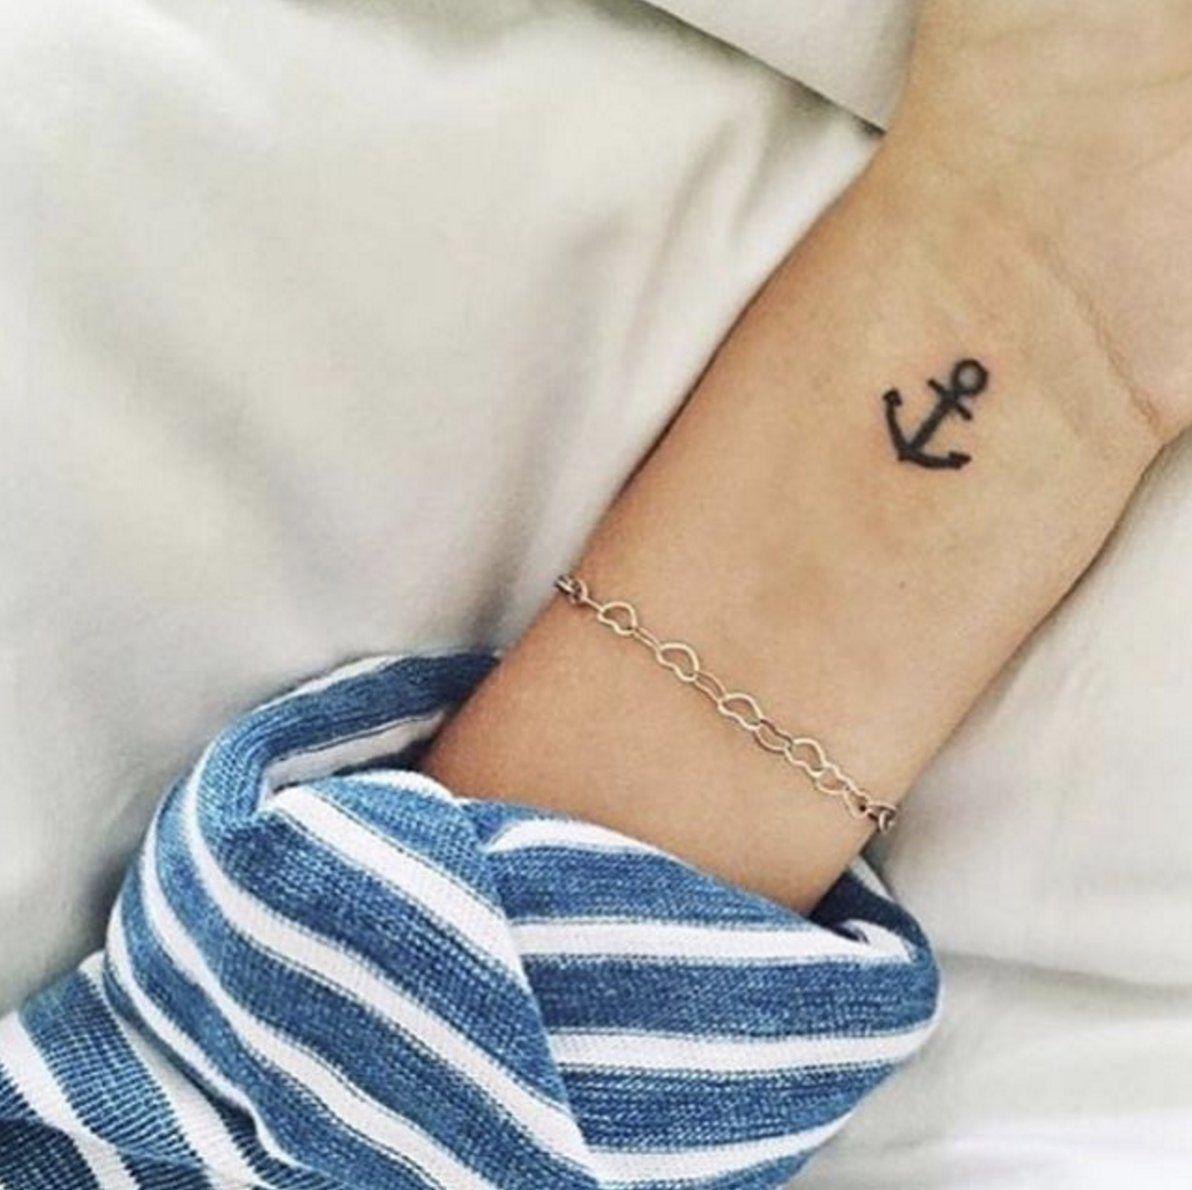 20 id es de tatouages pour femme qu 39 on a d j dans la peau le poignet poignet et tatouages - Tatouage pour couple ...